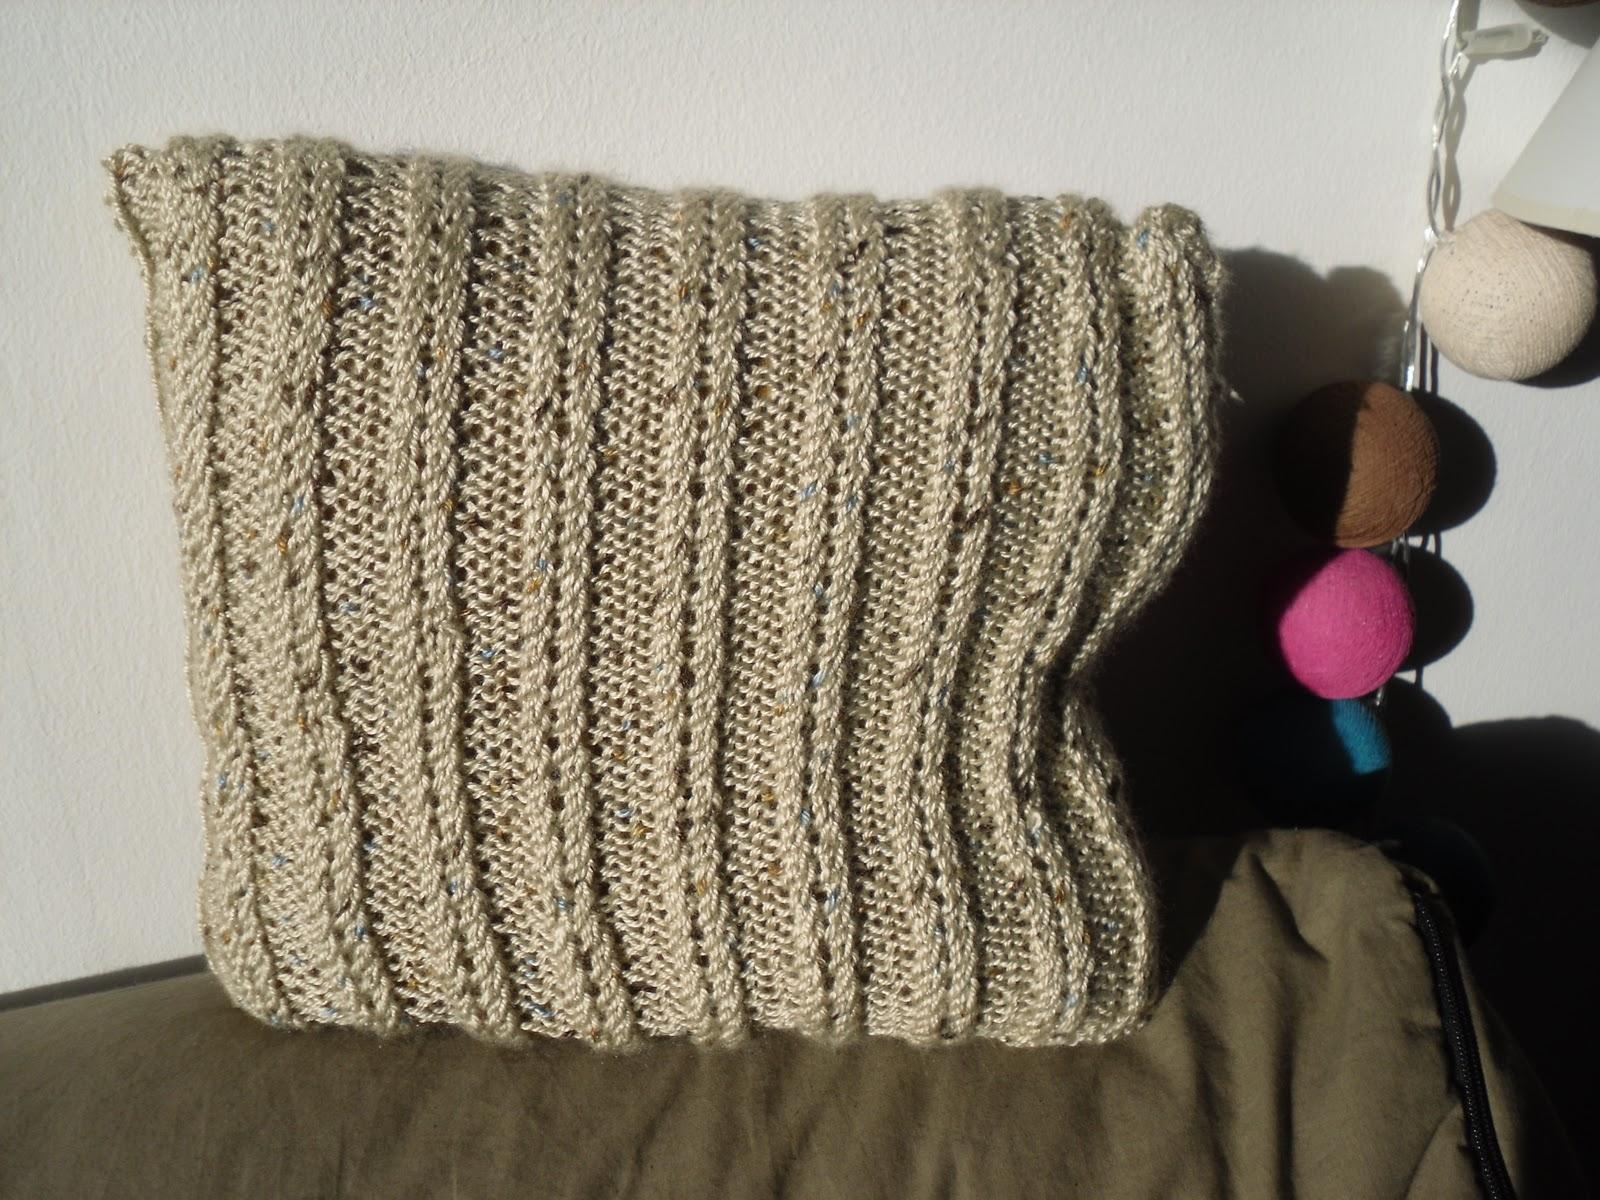 linge de maison fait main les dounie 39 s couture tricotin. Black Bedroom Furniture Sets. Home Design Ideas